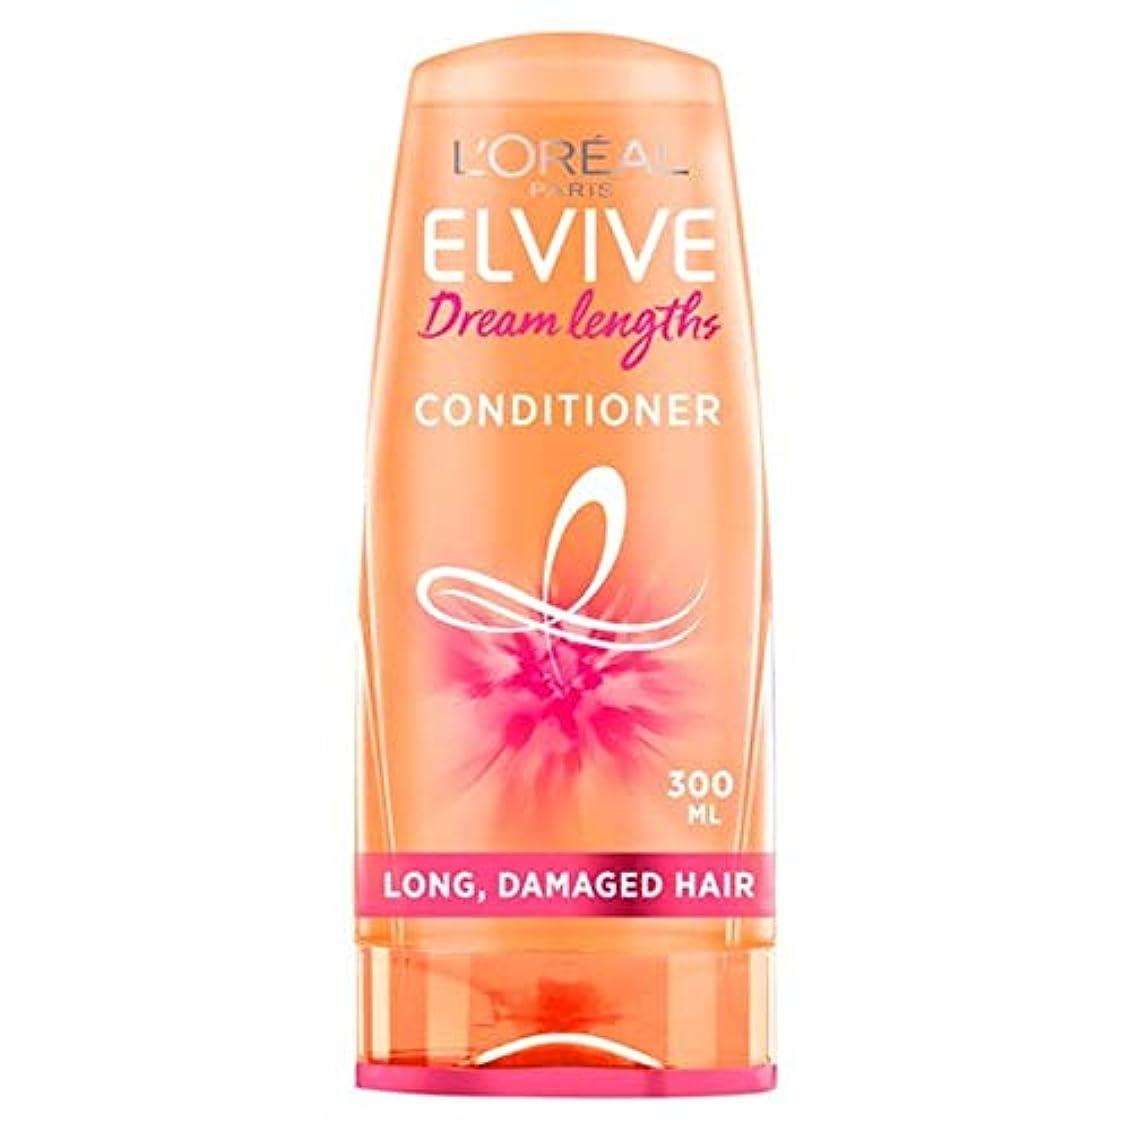 けん引モバイルピカソ[Elvive] ロレアルはElvive長ヘアコンディショナー300ミリリットルの夢 - L'oreal Elvive Dream Lengths Hair Conditioner 300Ml [並行輸入品]